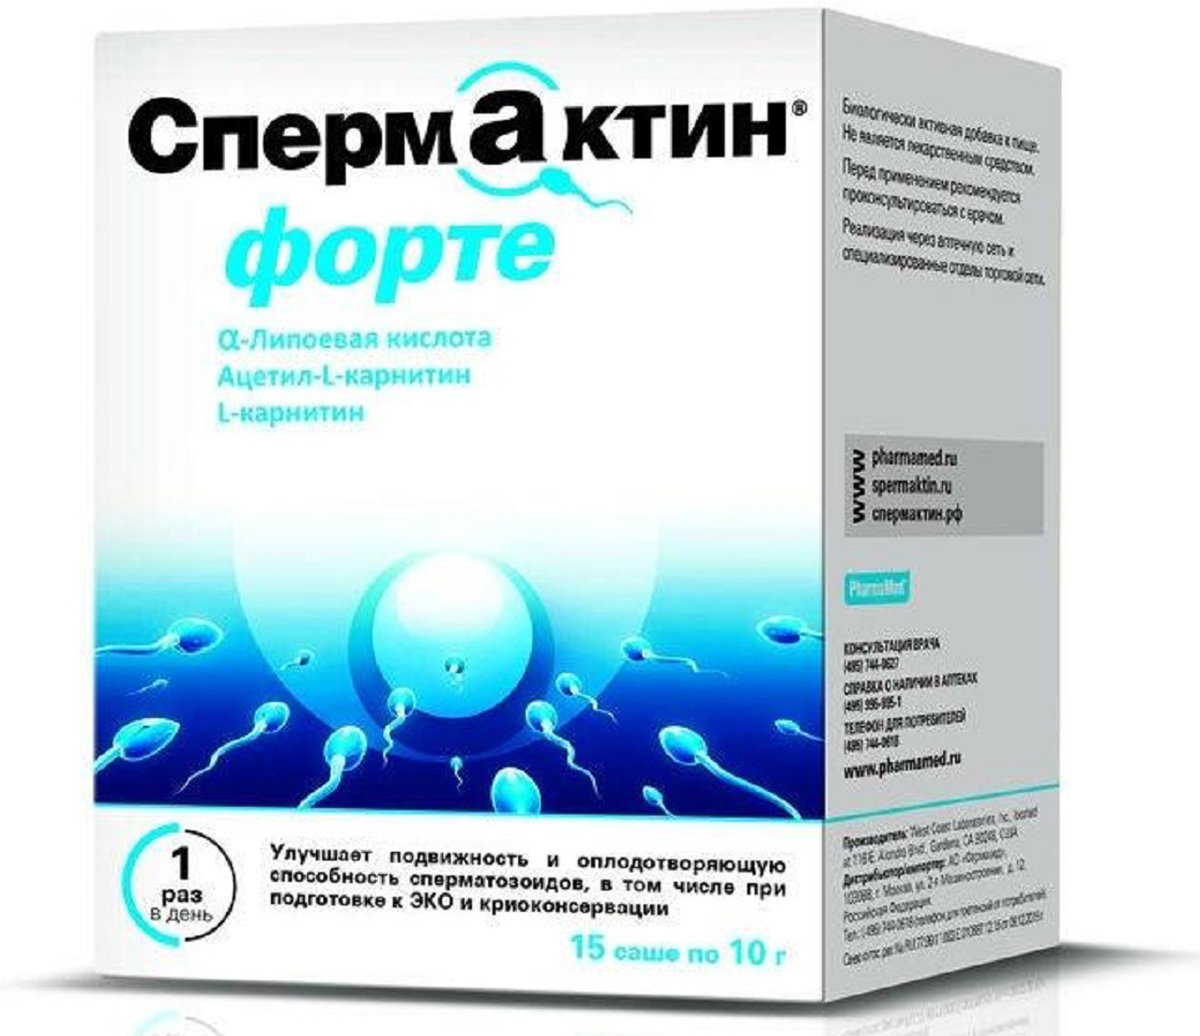 Спермактин форте саше 10г №15222374БАД к пище. Улучшает спрематогенез, увеличивает подвижность сперматозоидов, улучшает оплодотворяющую способность сперматозоидов Сфера применения: УрологияОбщеукрепляющее